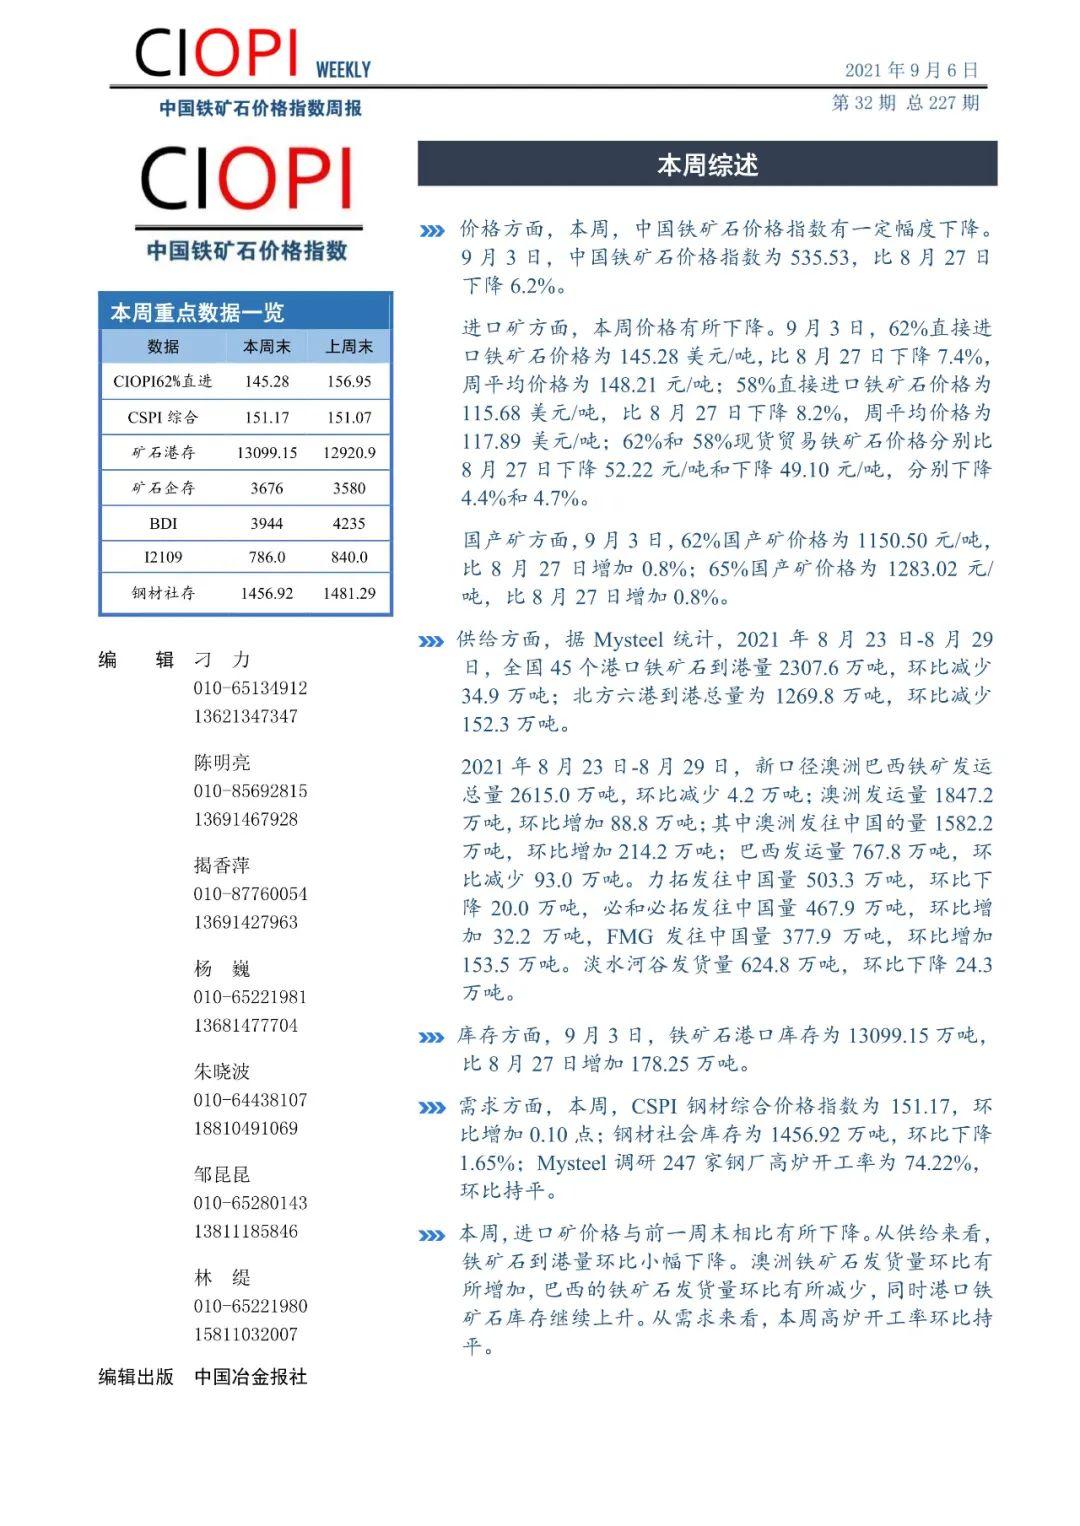 中国铁矿石价格指数周报(8月30日-9月3日)